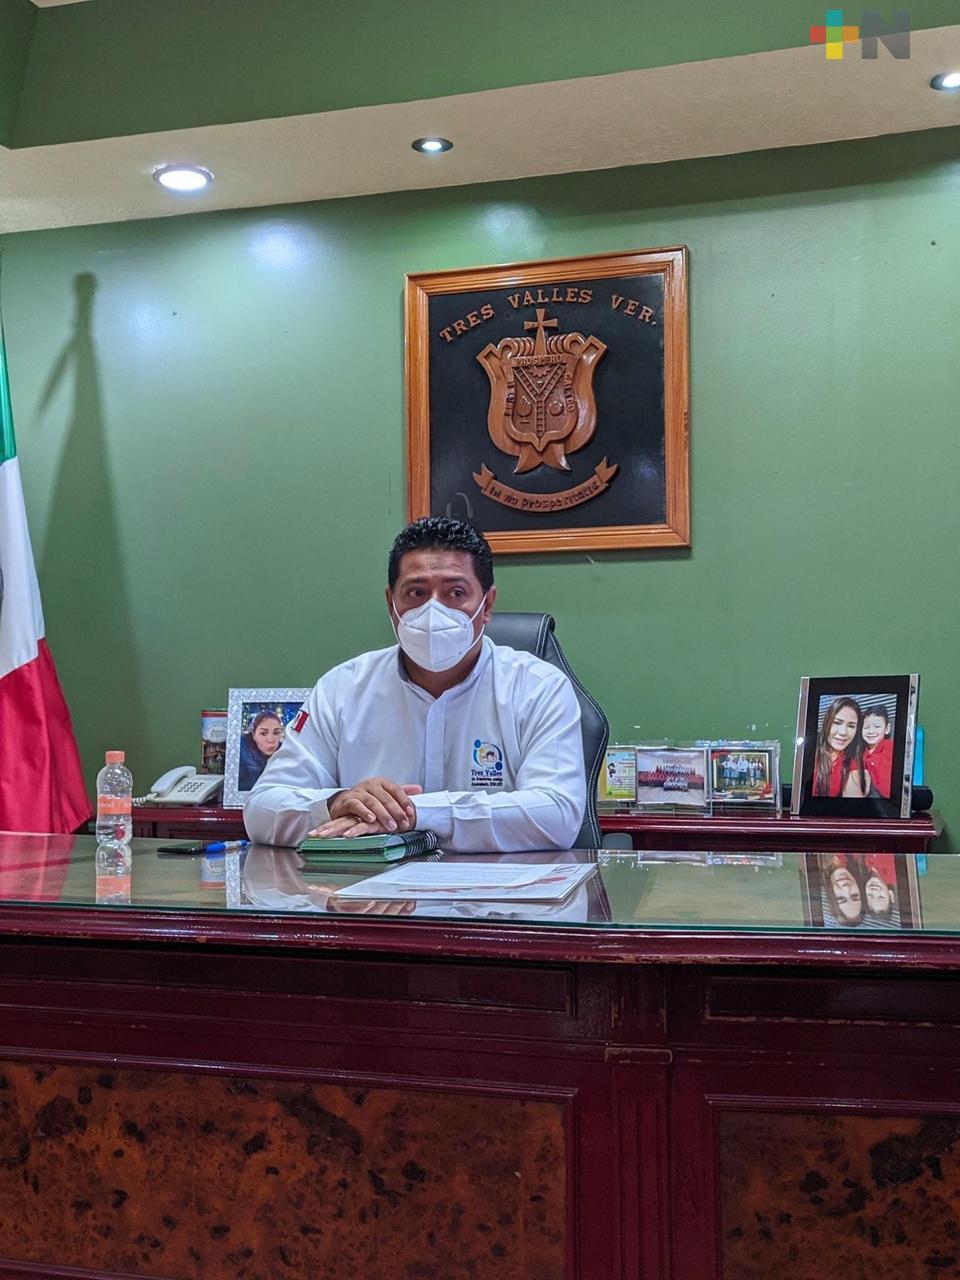 Alcalde de Tres Valles retoma funciones tras recuperarse de covid